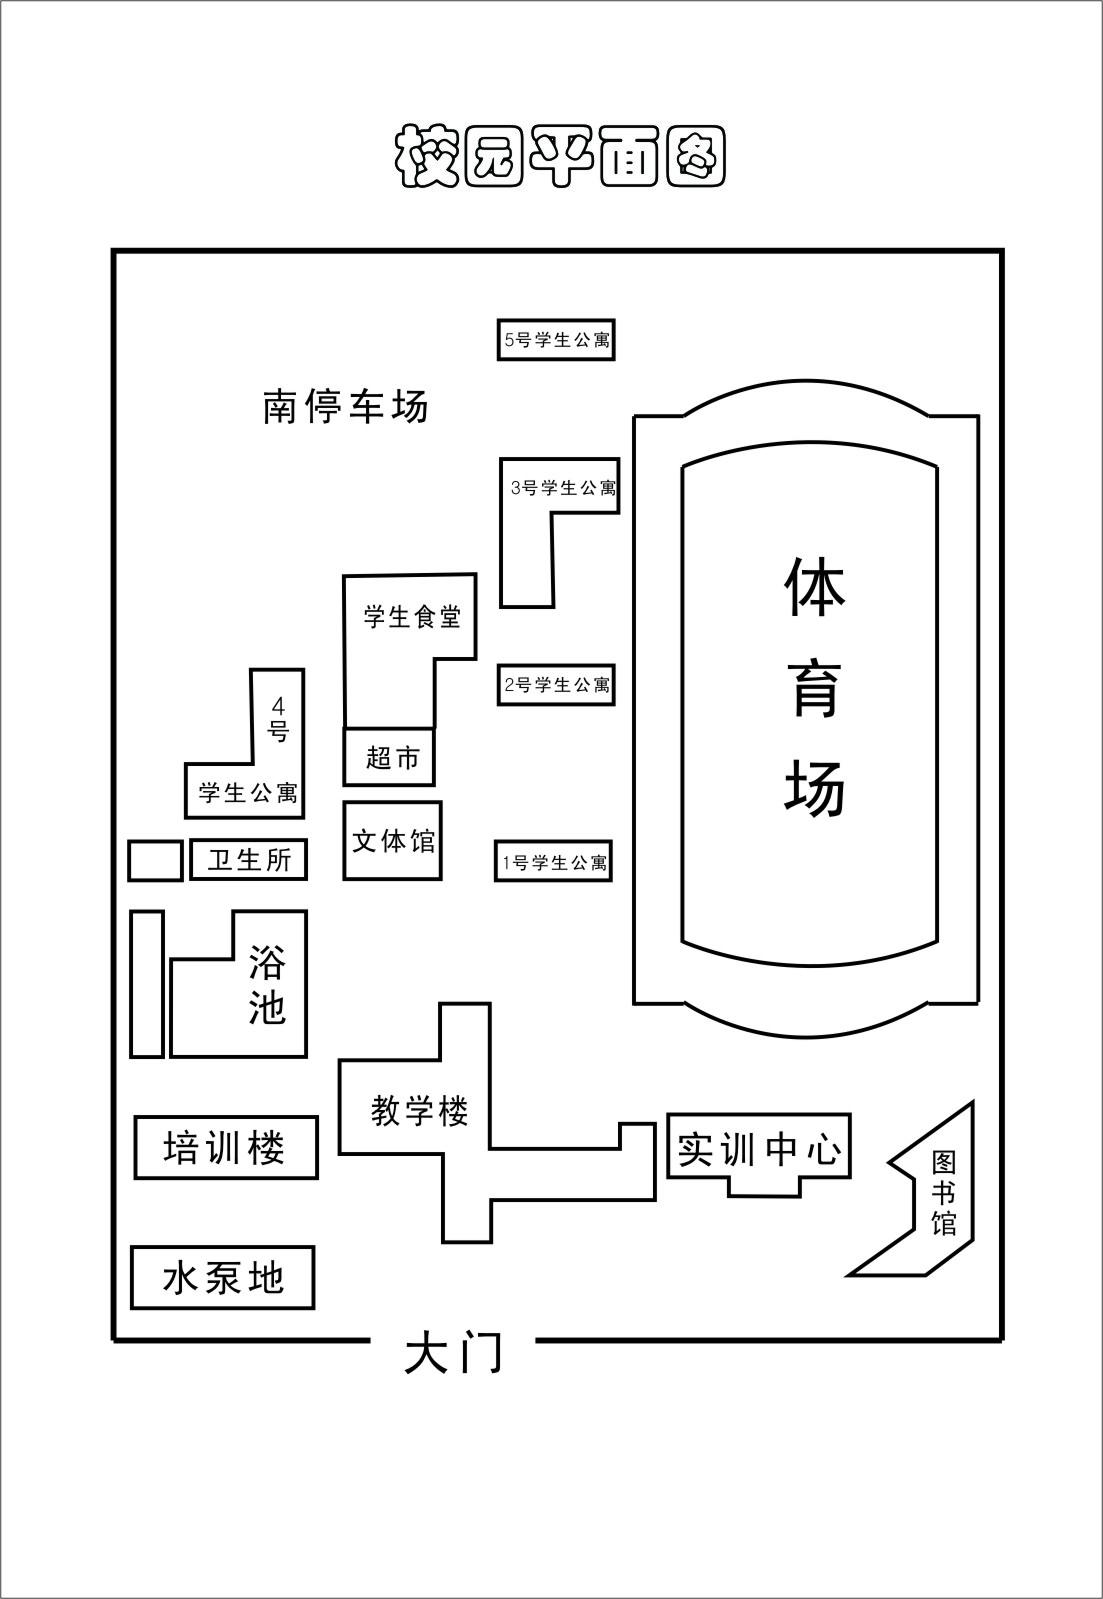 辽宁 辽宁省/金融学校平面图.jpg